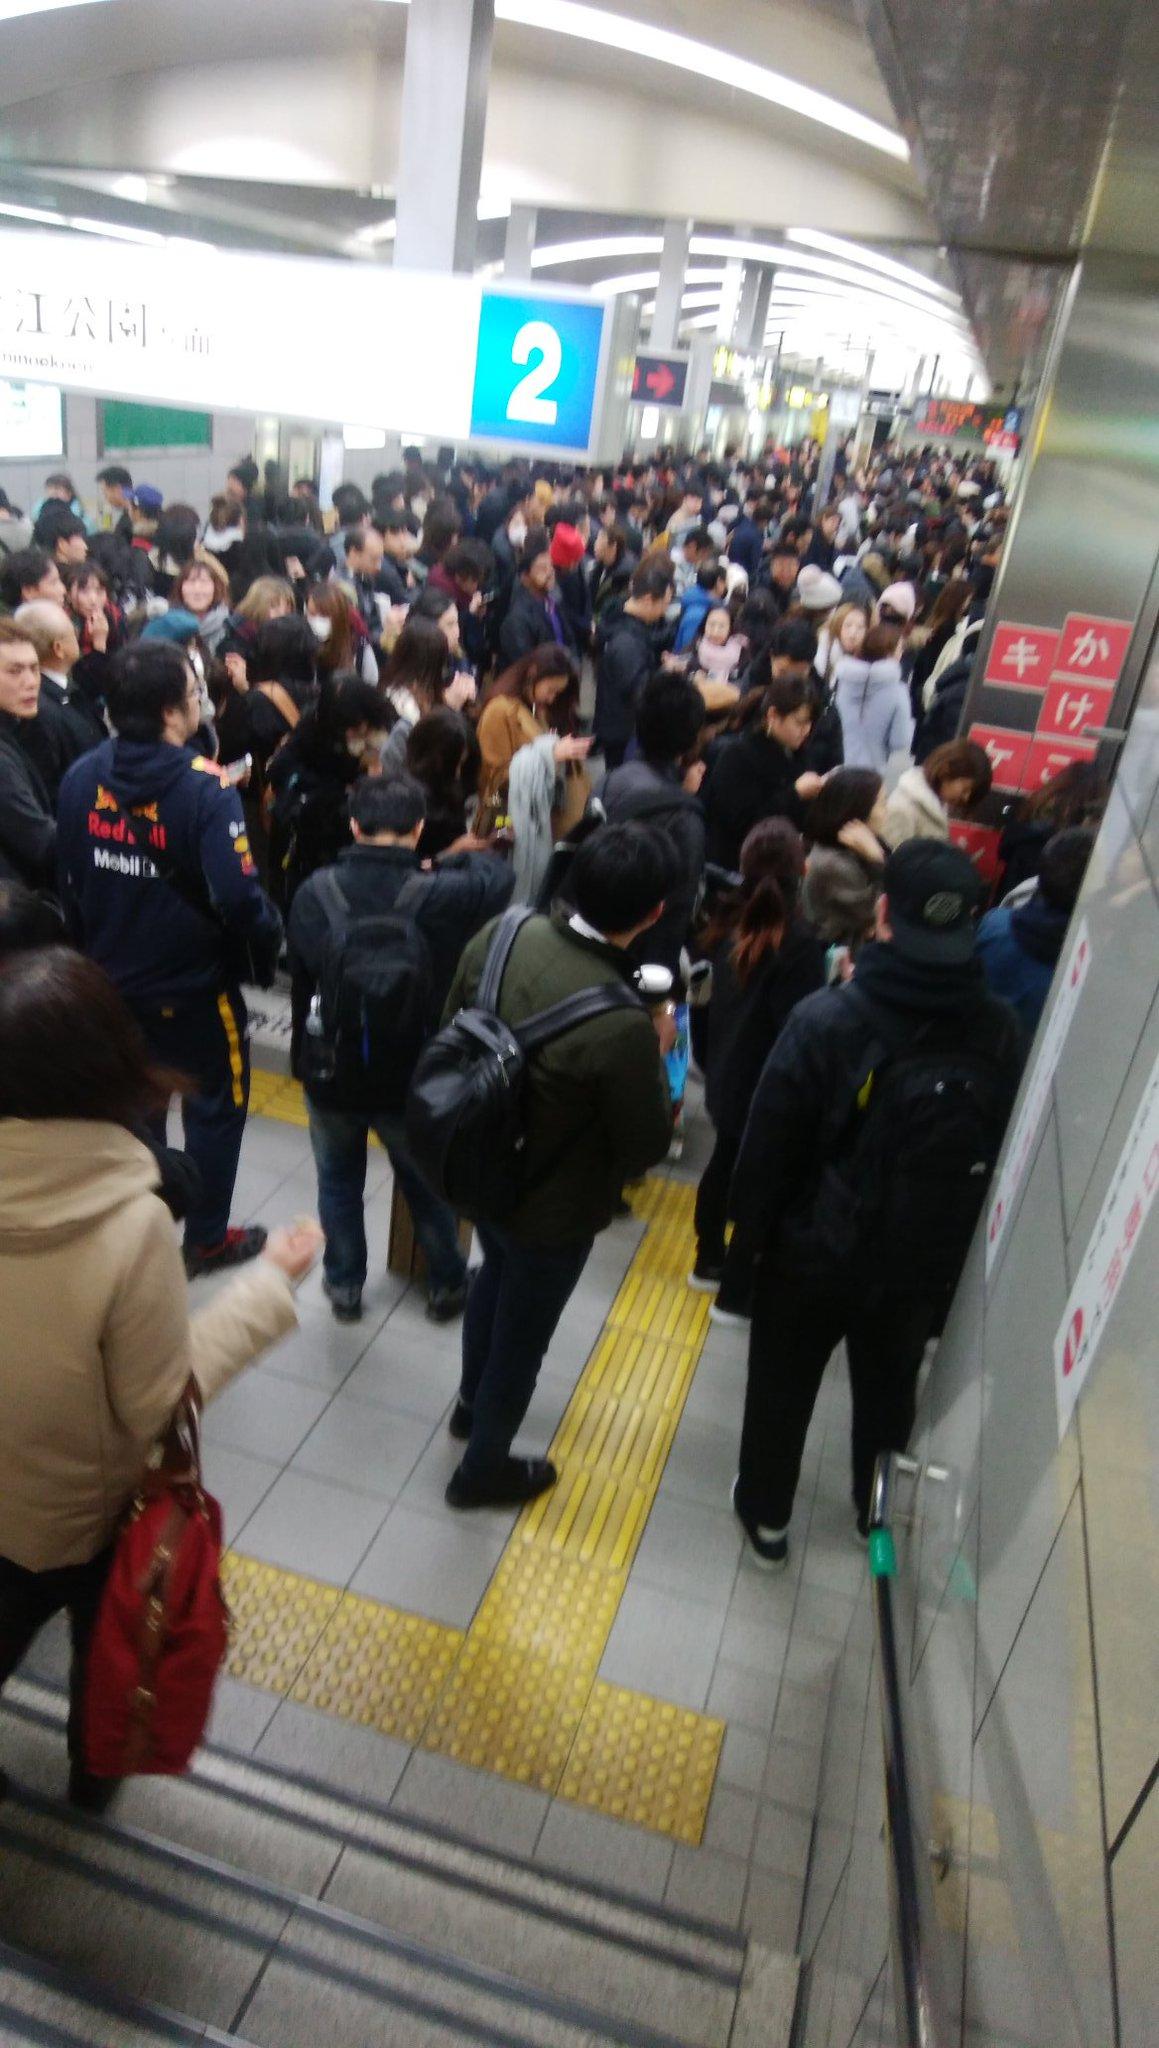 画像,西梅田駅がやべぇw https://t.co/5epfTVmPmu。